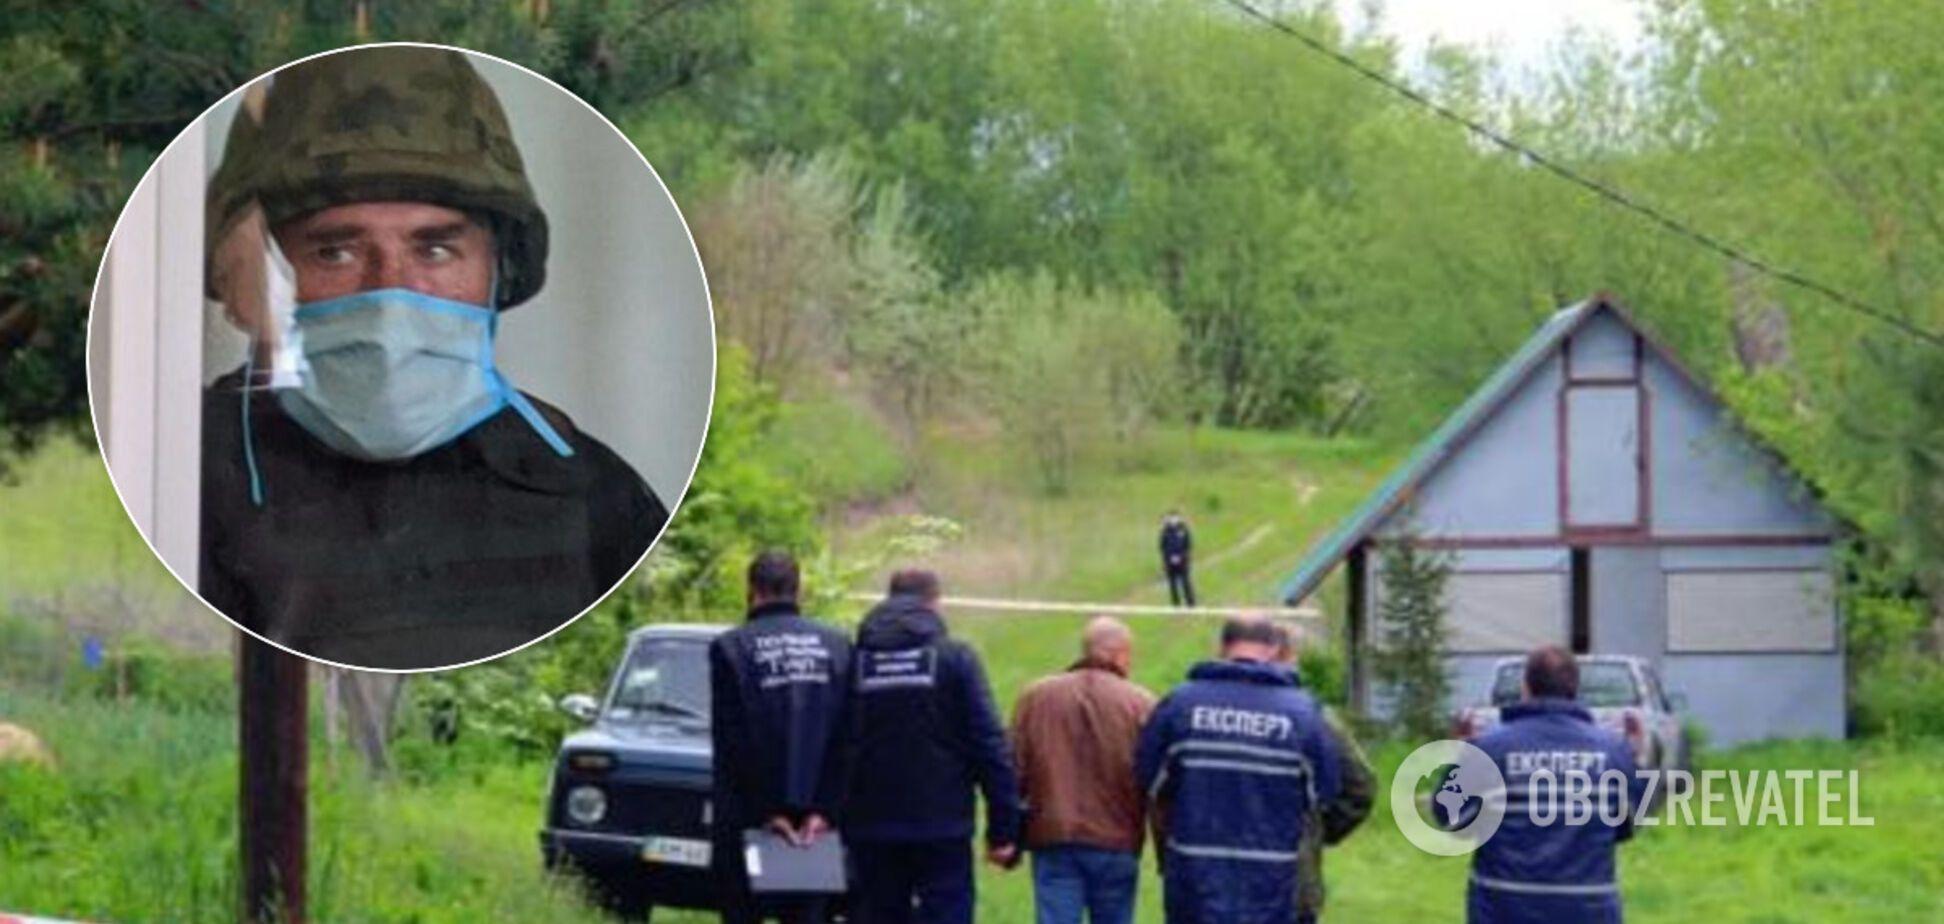 Стрелок с Житомирщины уже нападал на людей с ружьем – адвокат